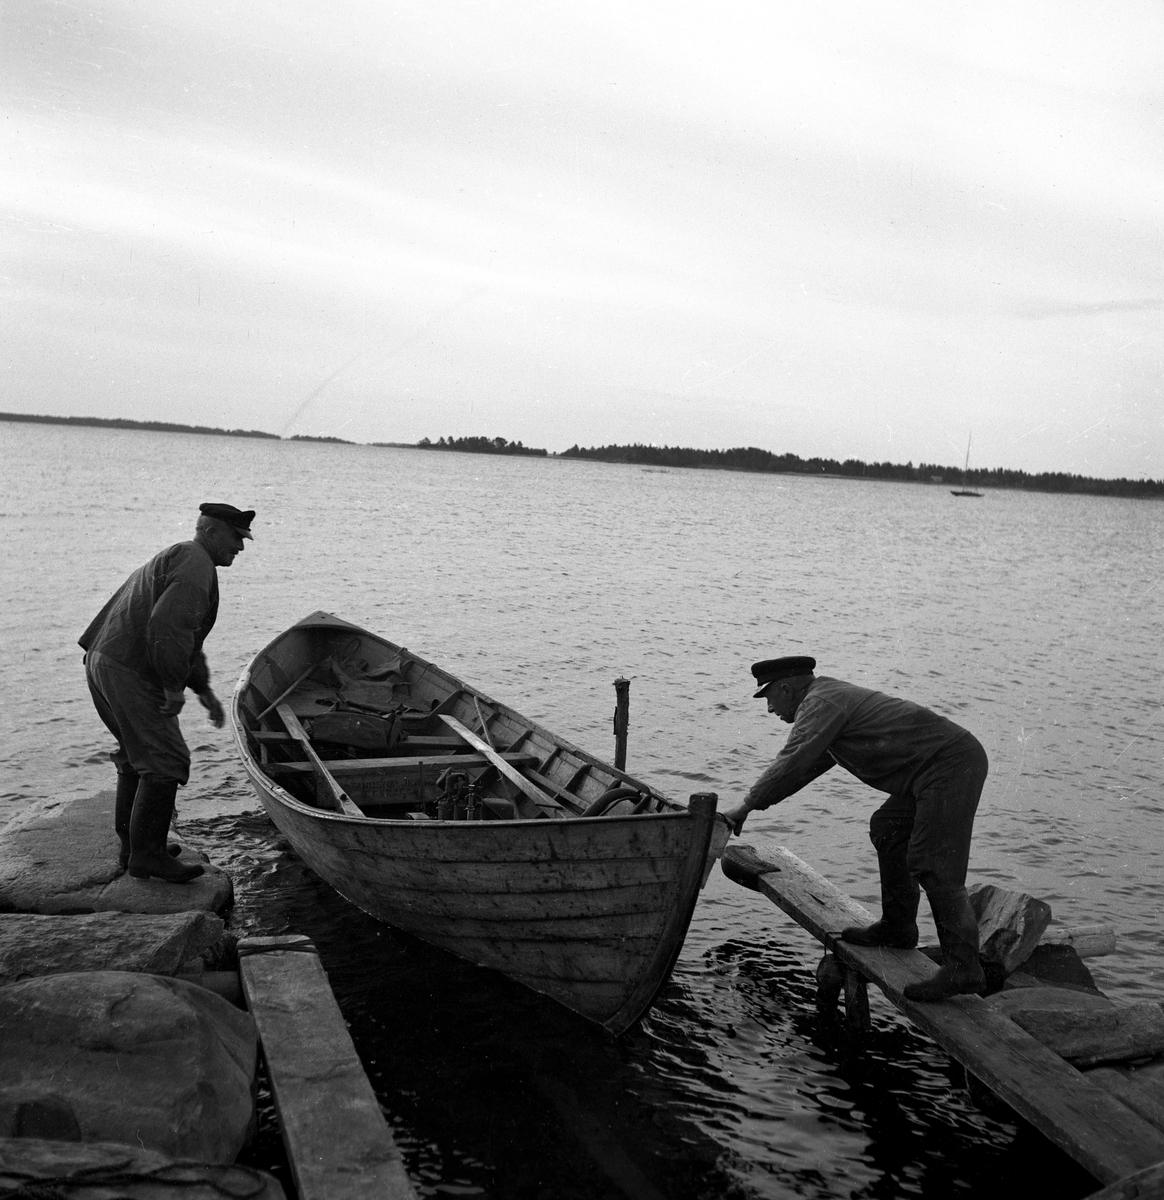 Hammaröfiskare i arbete.